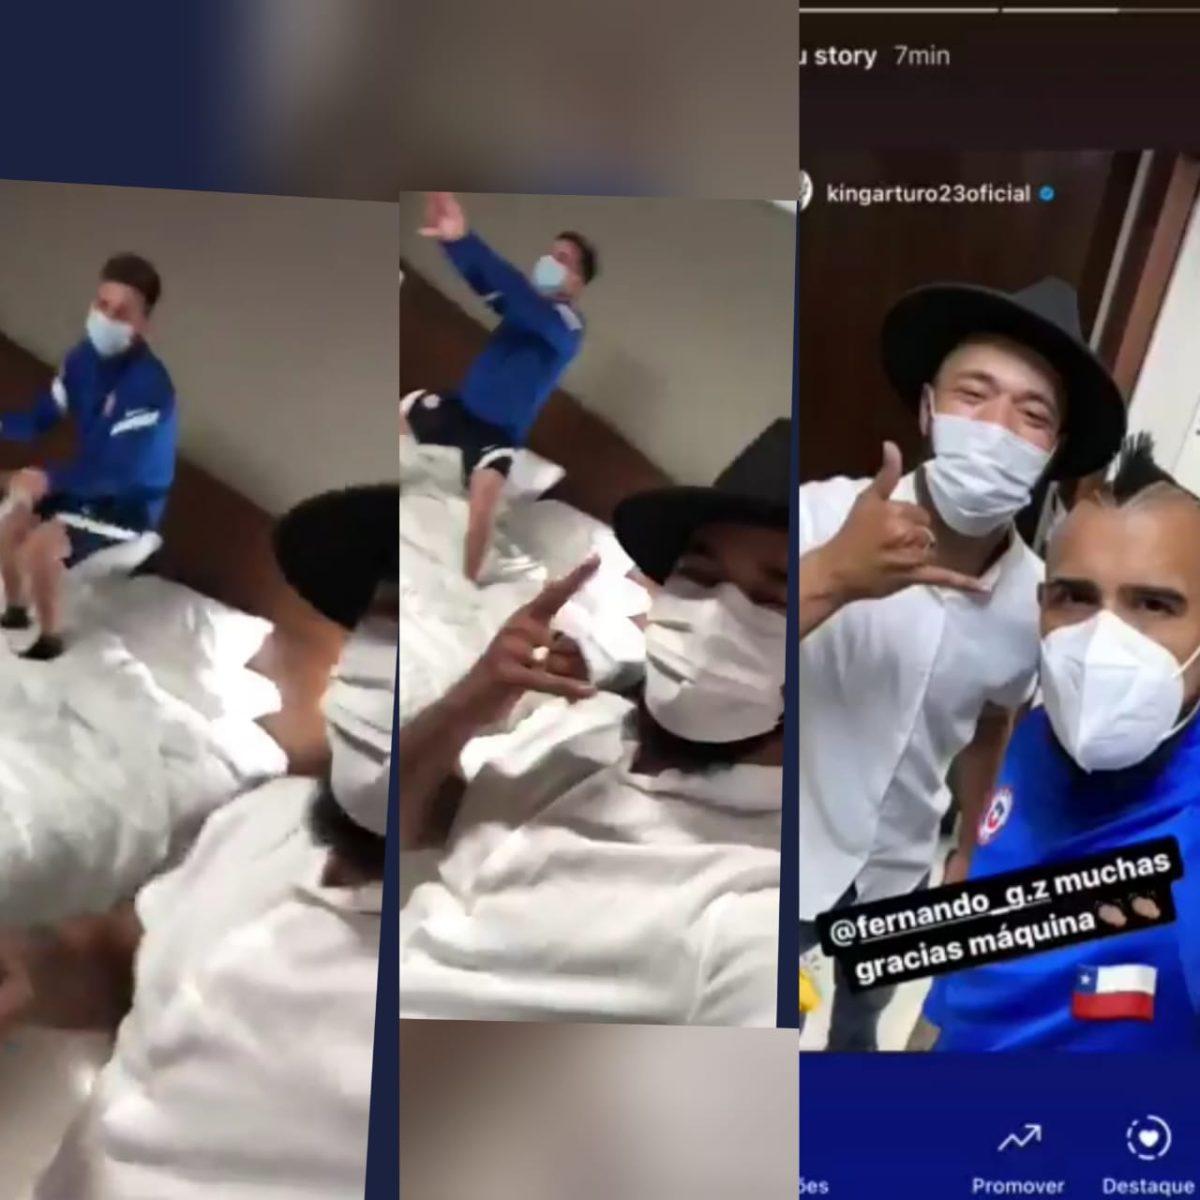 Se filtra video de como jugadores de Chile violaron el protocolo sanitario de la Copa América